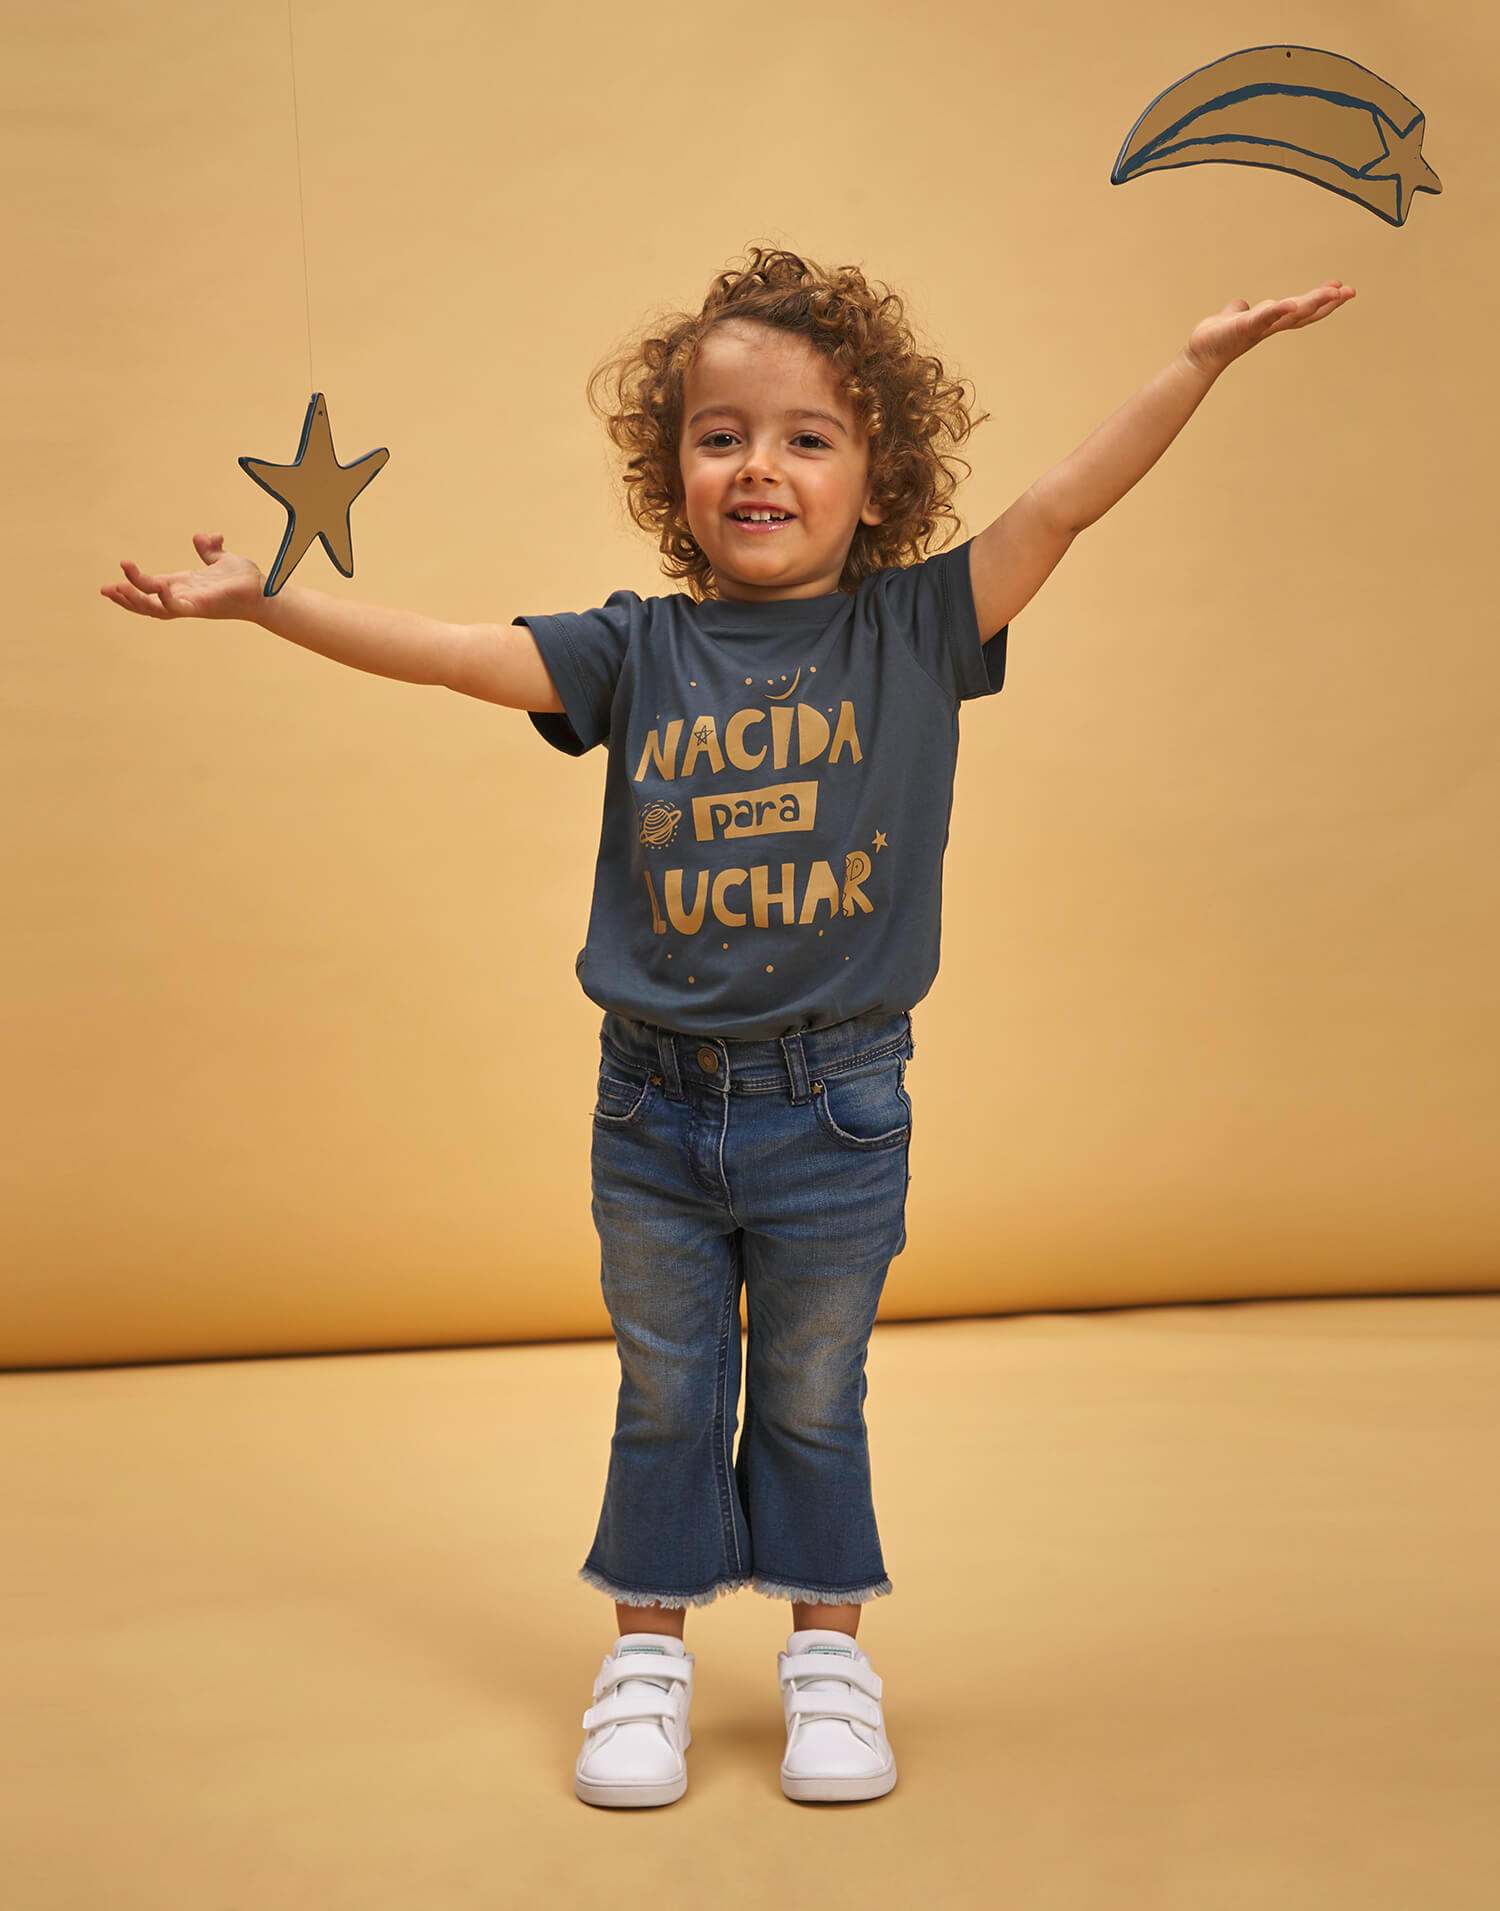 Camiseta de niña 2019 'Nacida para luchar'